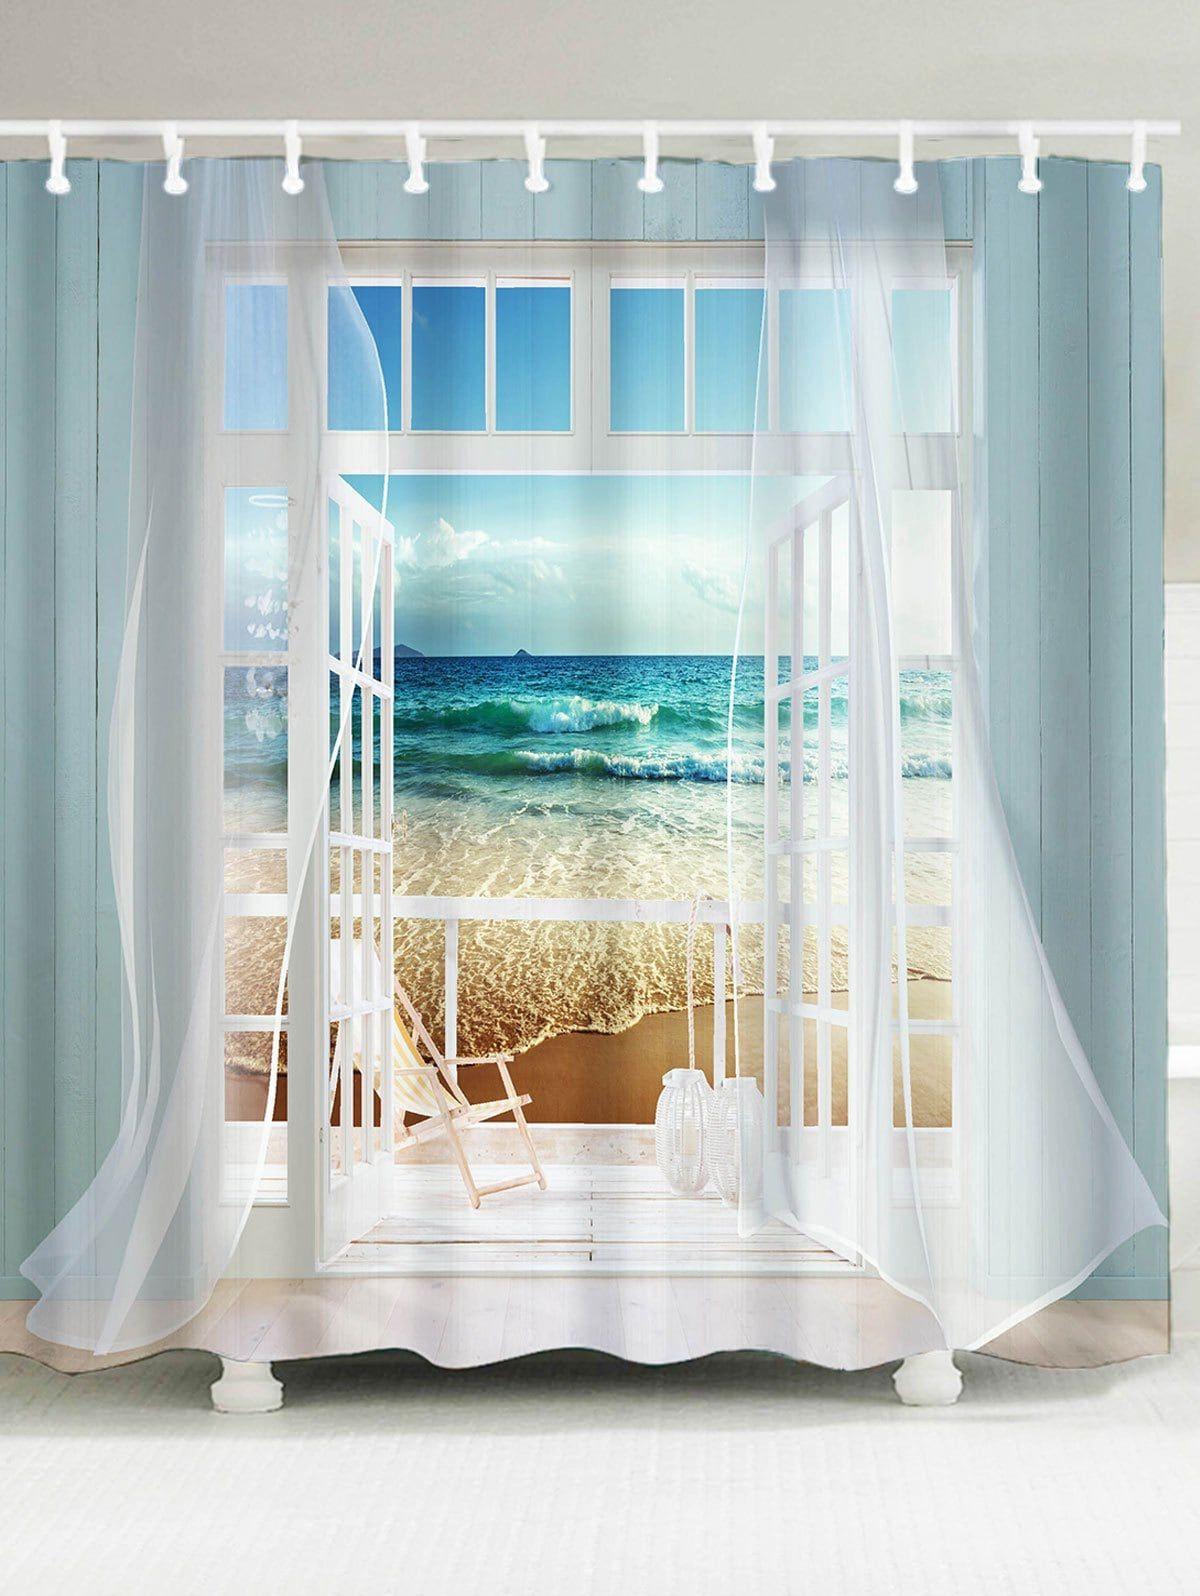 La tenda doccia in tessuto idrorepellente è un accessorio per il bagno in grado di trasformare la tua vasca da bagno. Window Frame Ocean Scene Printing Shower Curtain Tenda Doccia Idee Per La Casa Idee